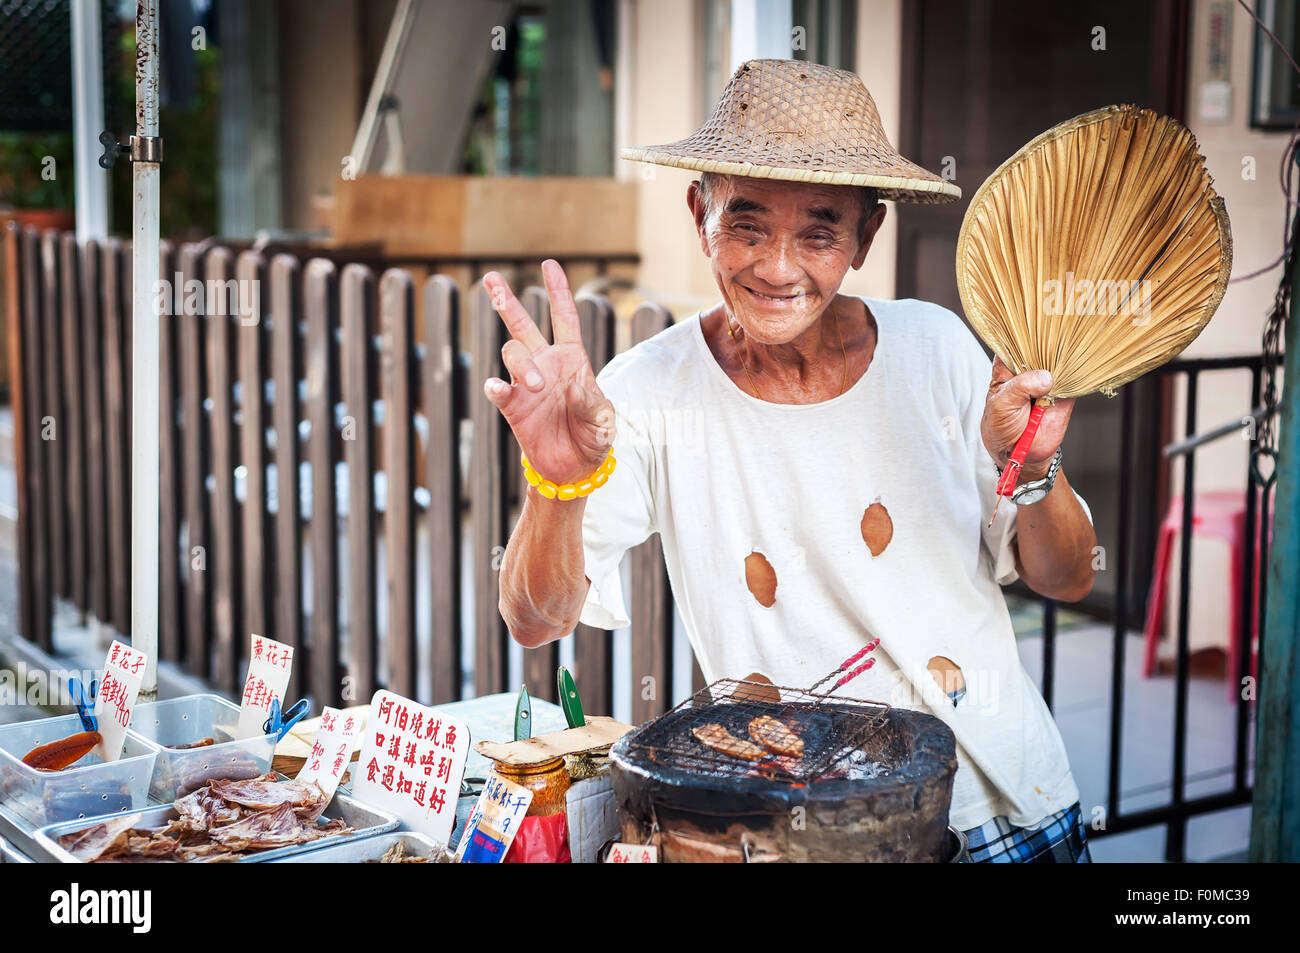 Hawker selling grilled squid at Tai O village, Lantau Island, Hong Kong - Stock Image